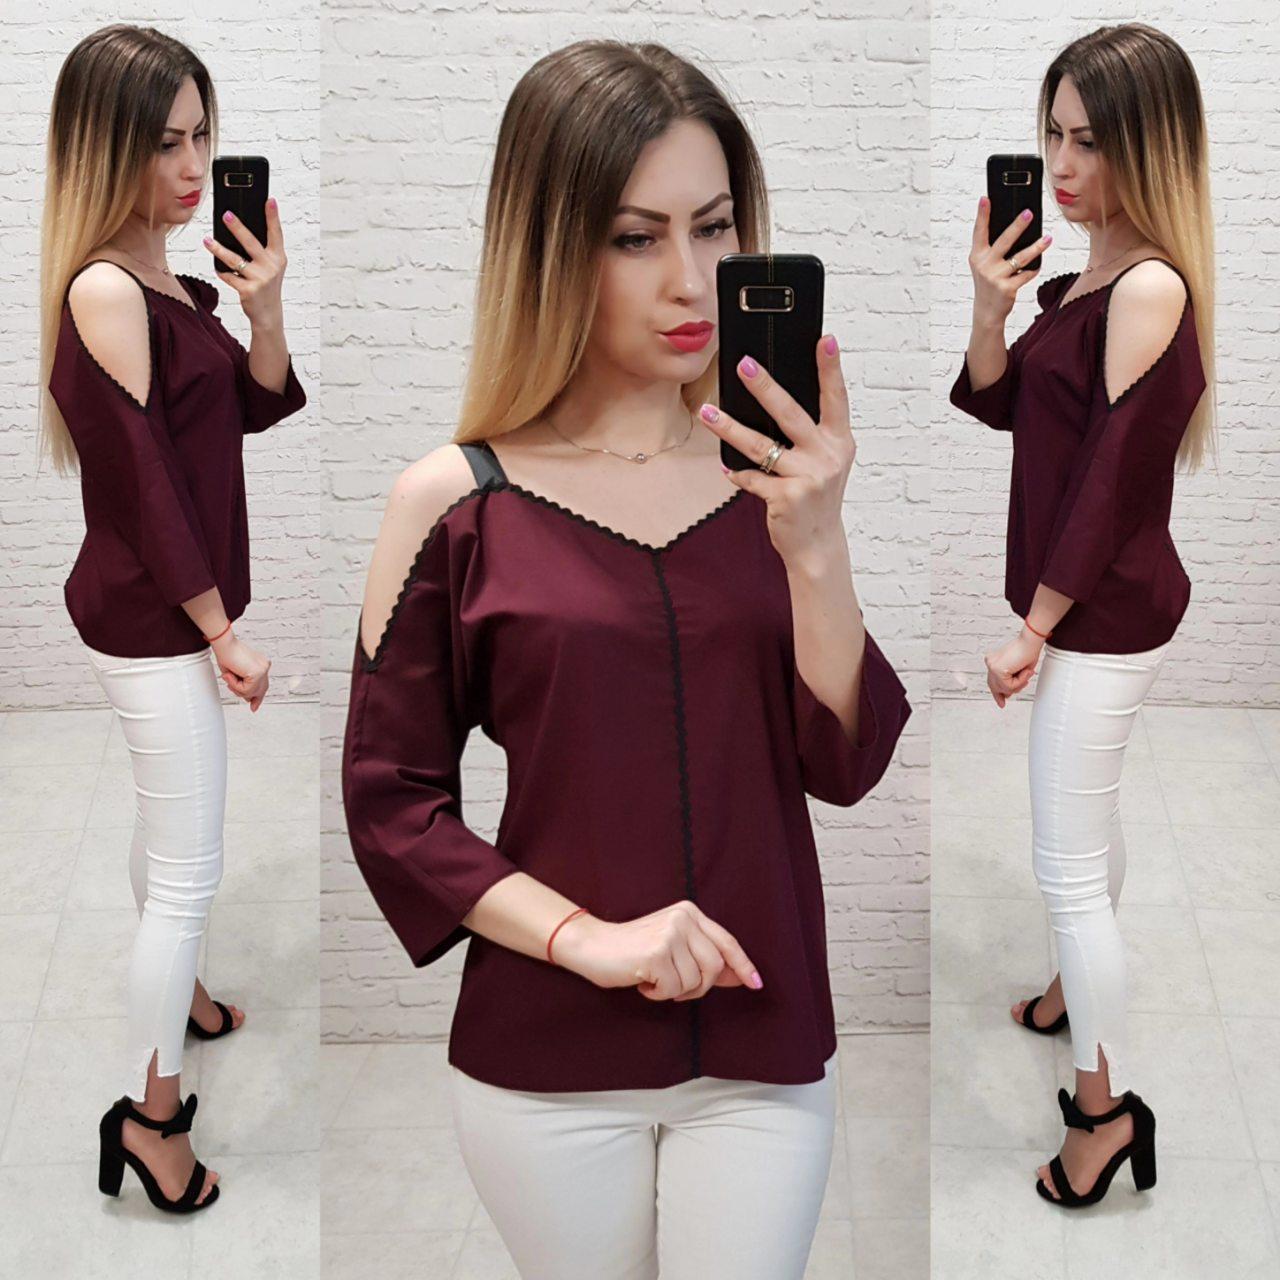 d0b47cc861a Блузка арт 159 бордовая (марсала) - Интернет магазин женской одежды Khan в  Одессе